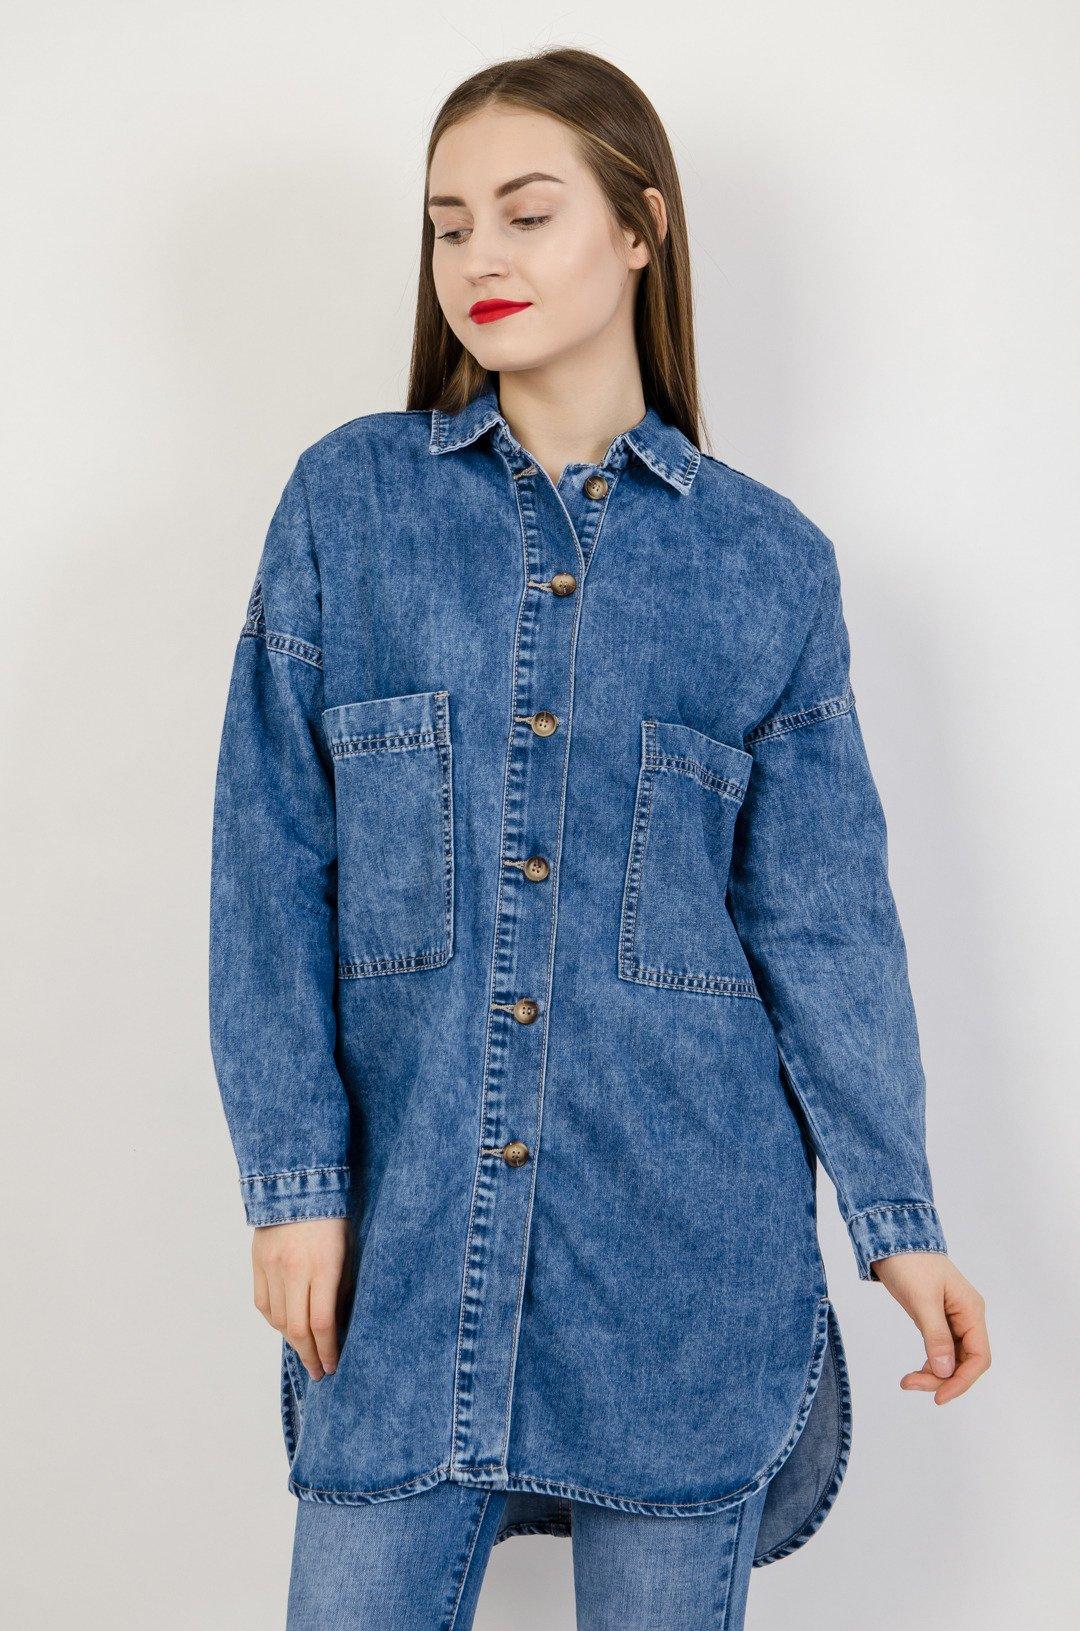 Długa koszula jeansowa z rozcięciami po bokach | NOWOŚCI  90nEv